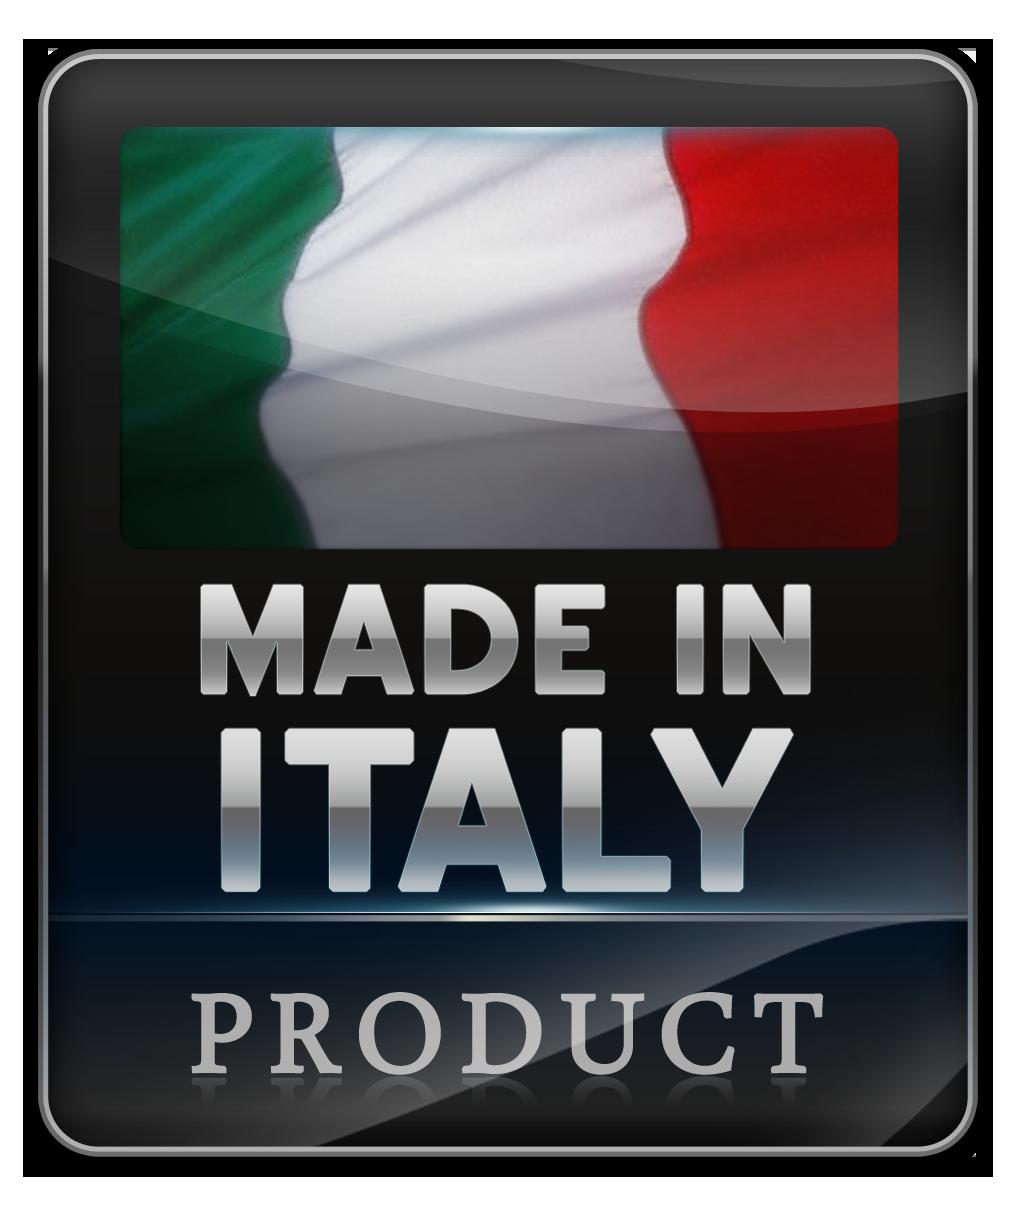 Solo made in italy iotti snc for Made com italia